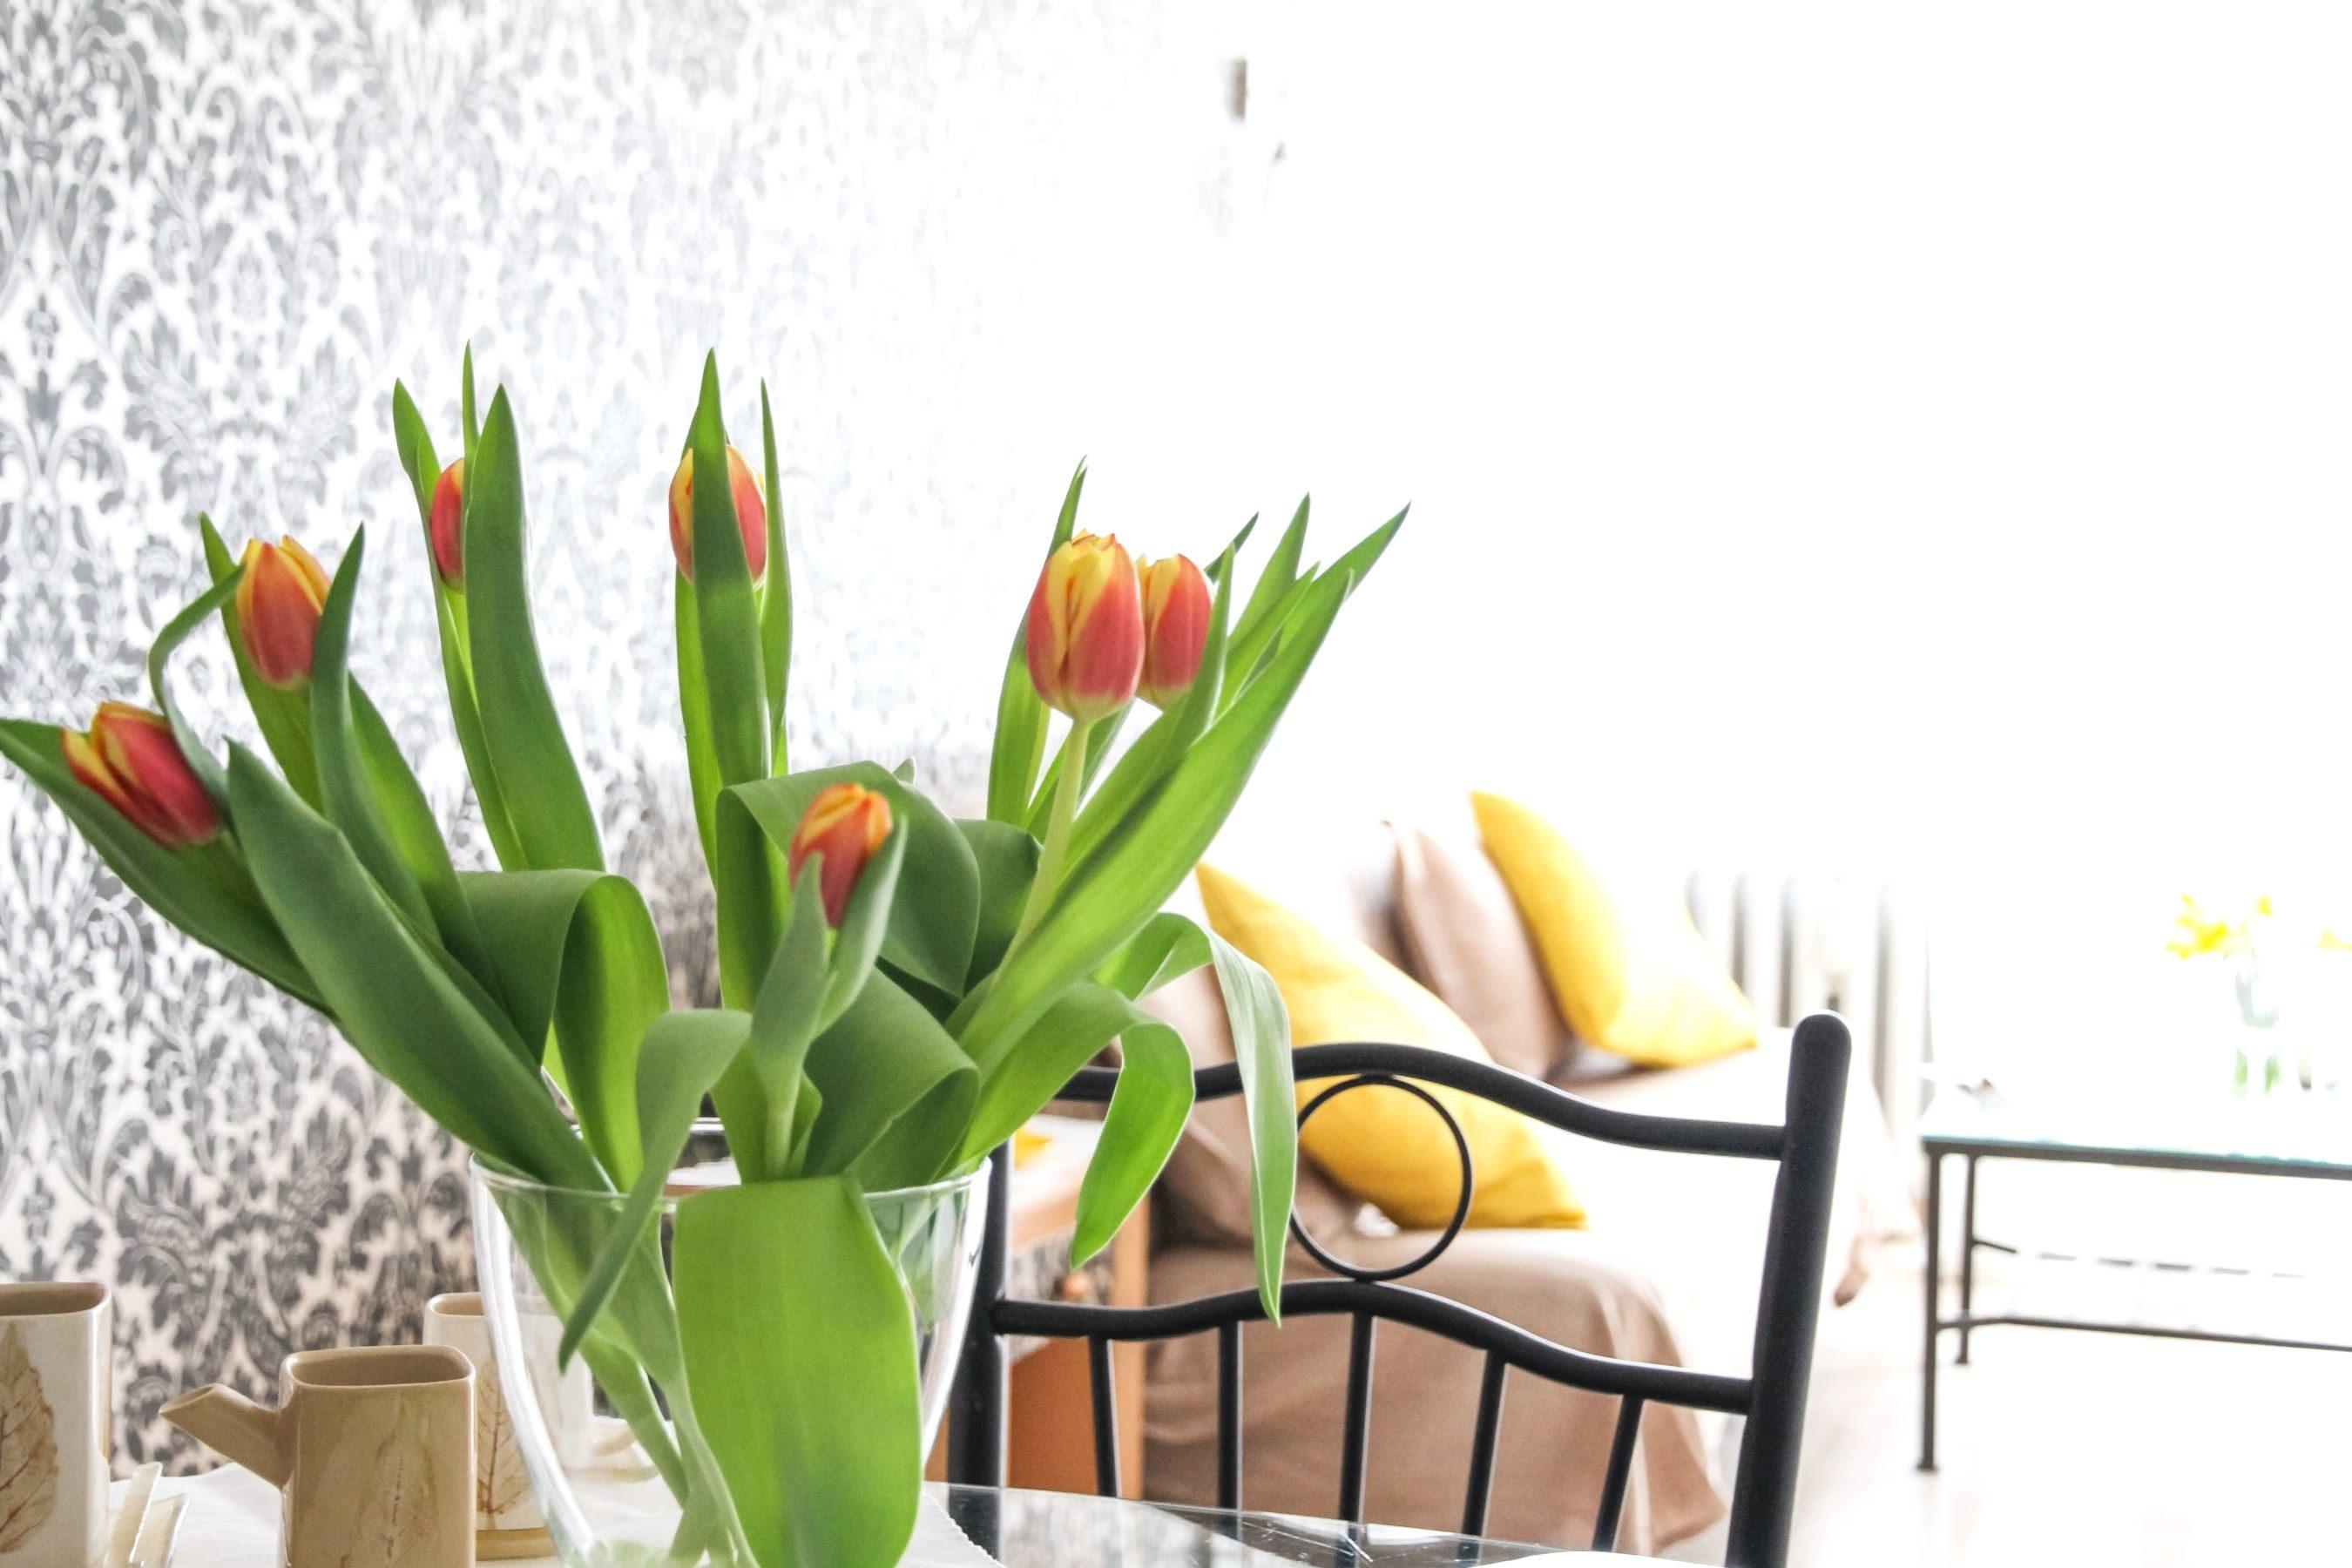 Image Libre Plante Fleur Printemps Tulipe Fleur Interieur